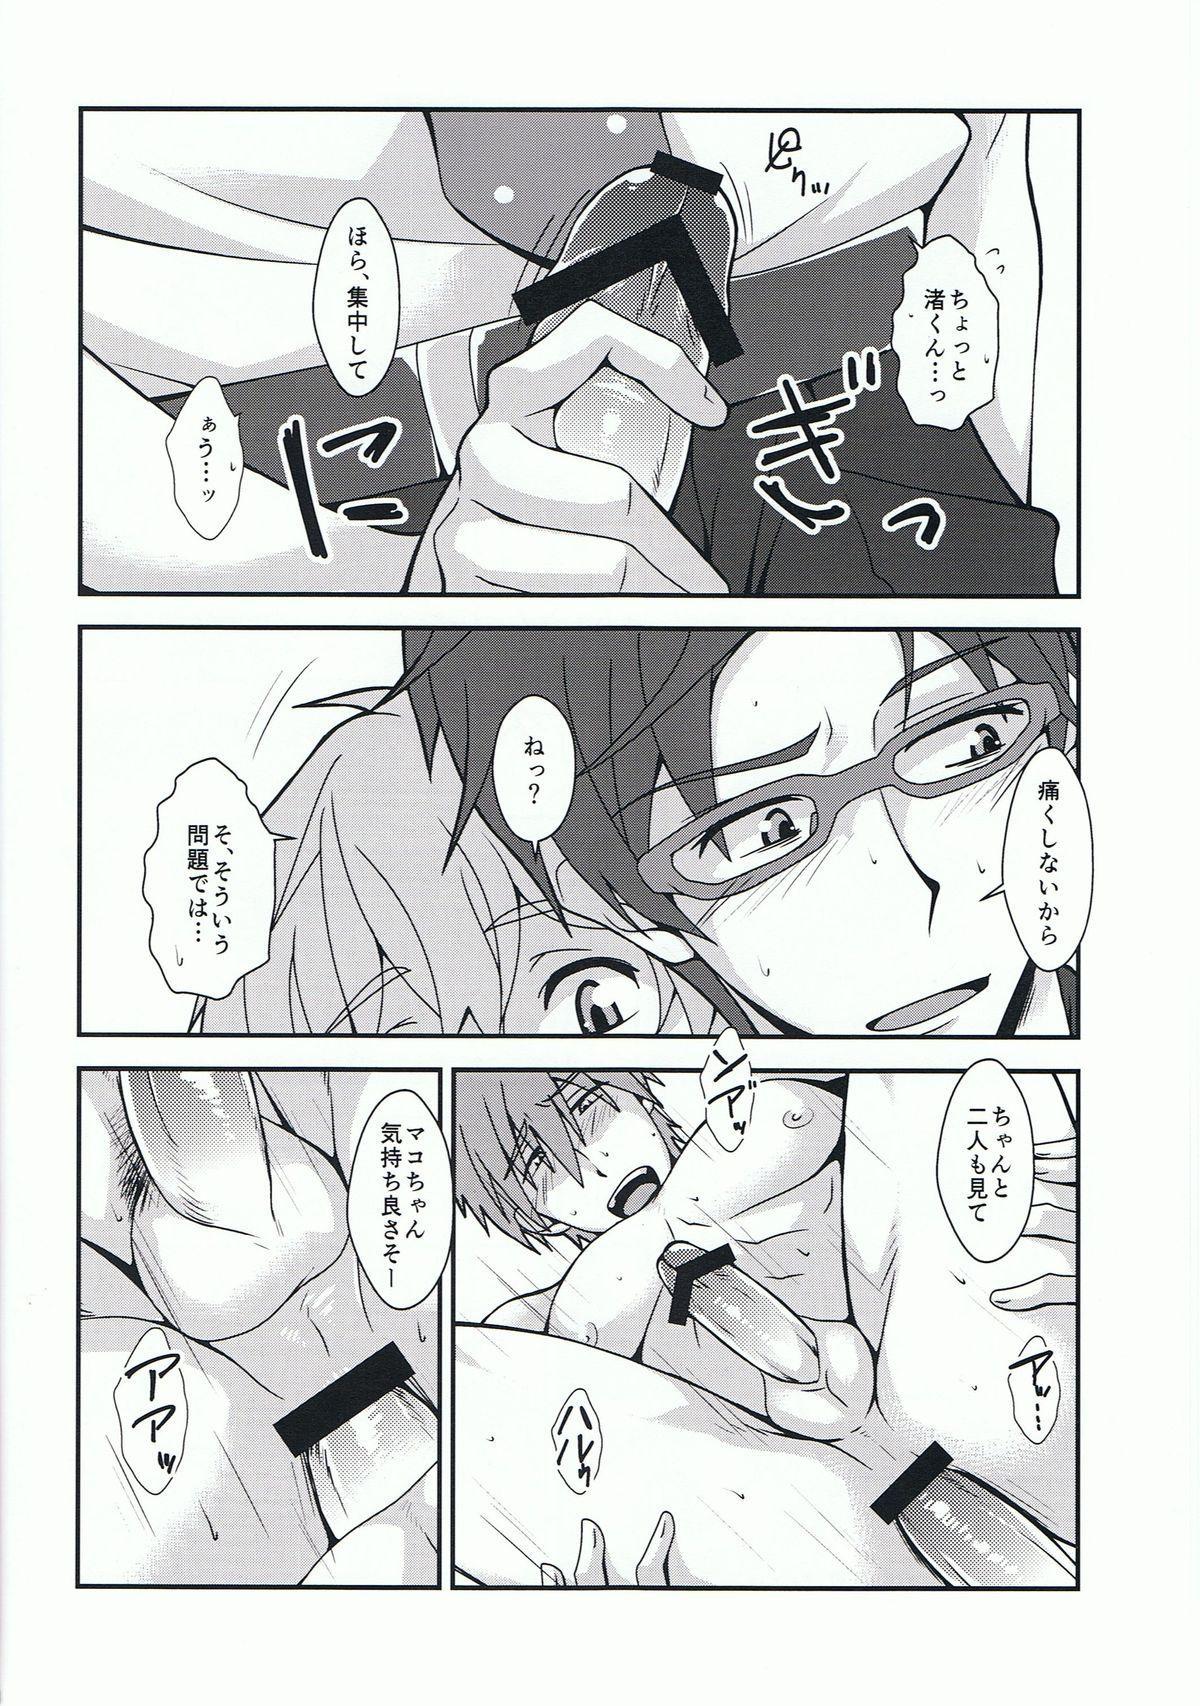 Omotenashi 8